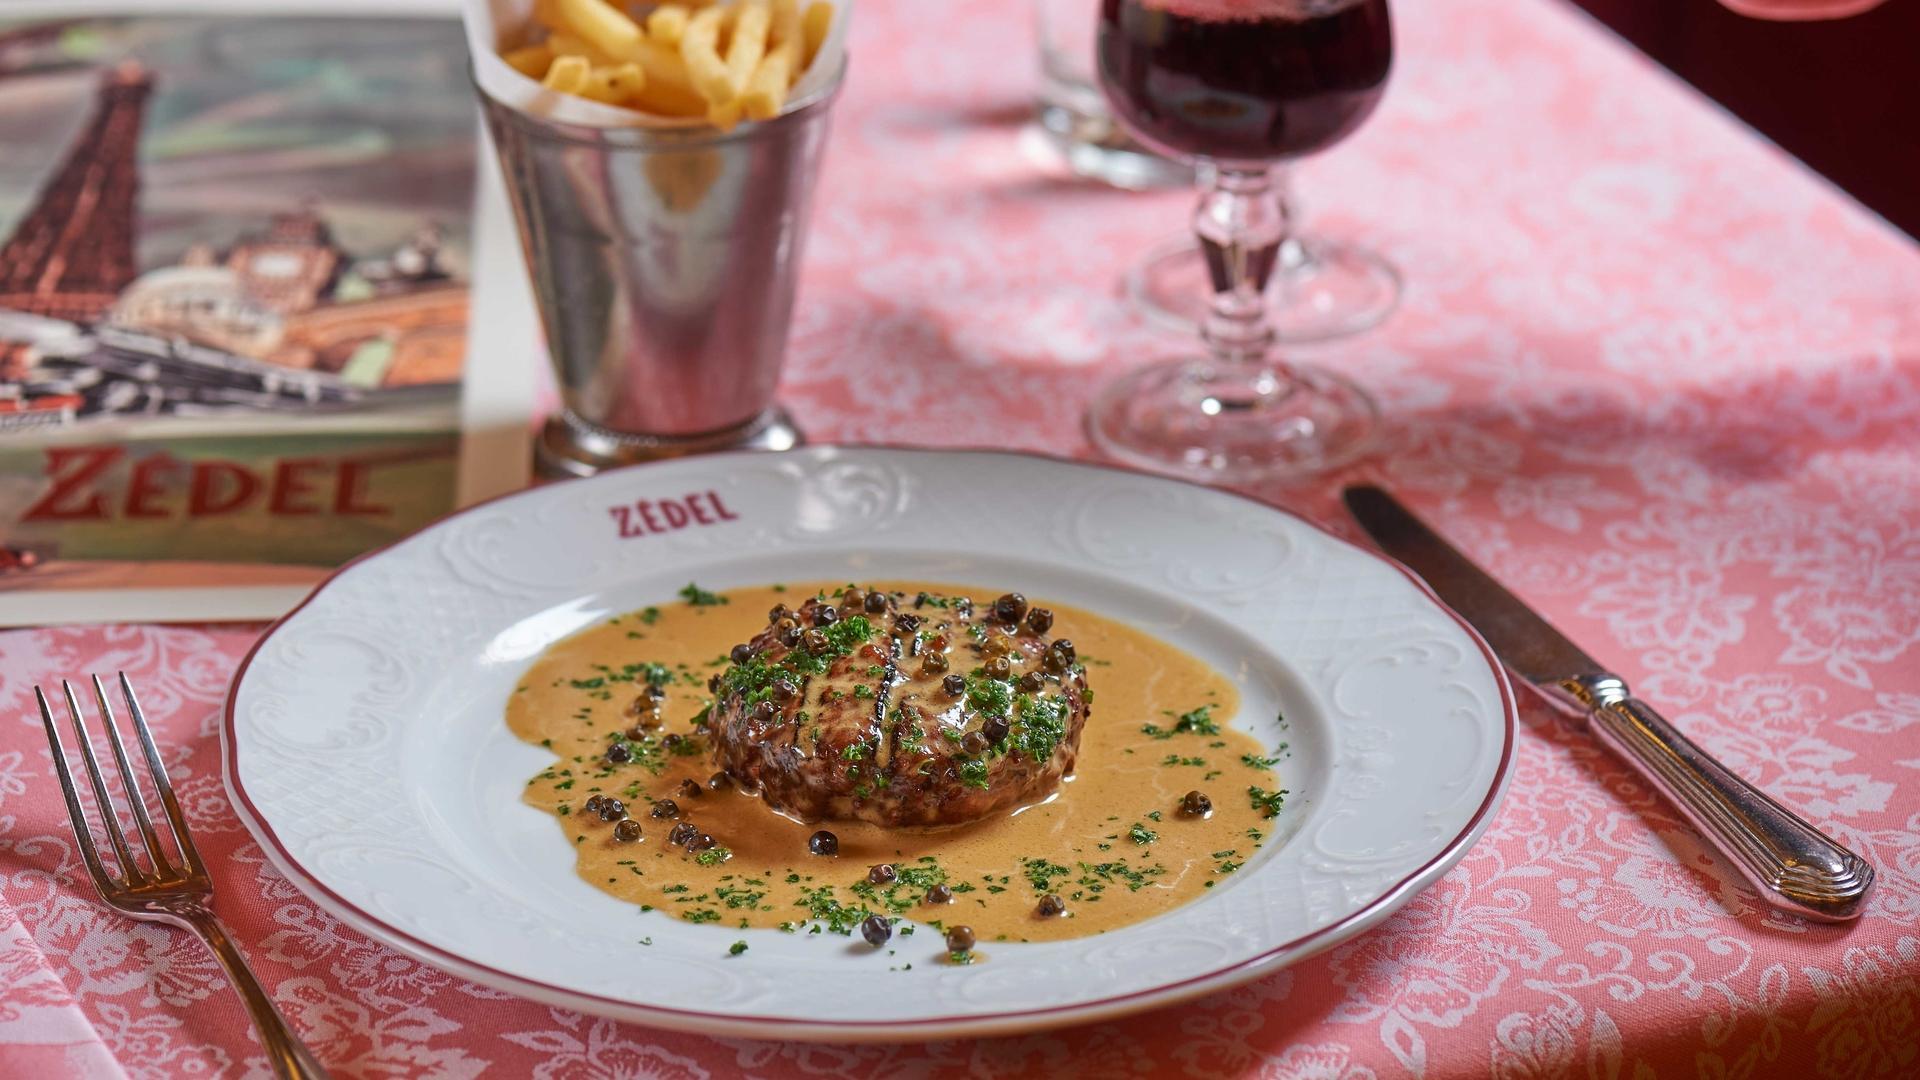 Best French restaurants in London | Zedel